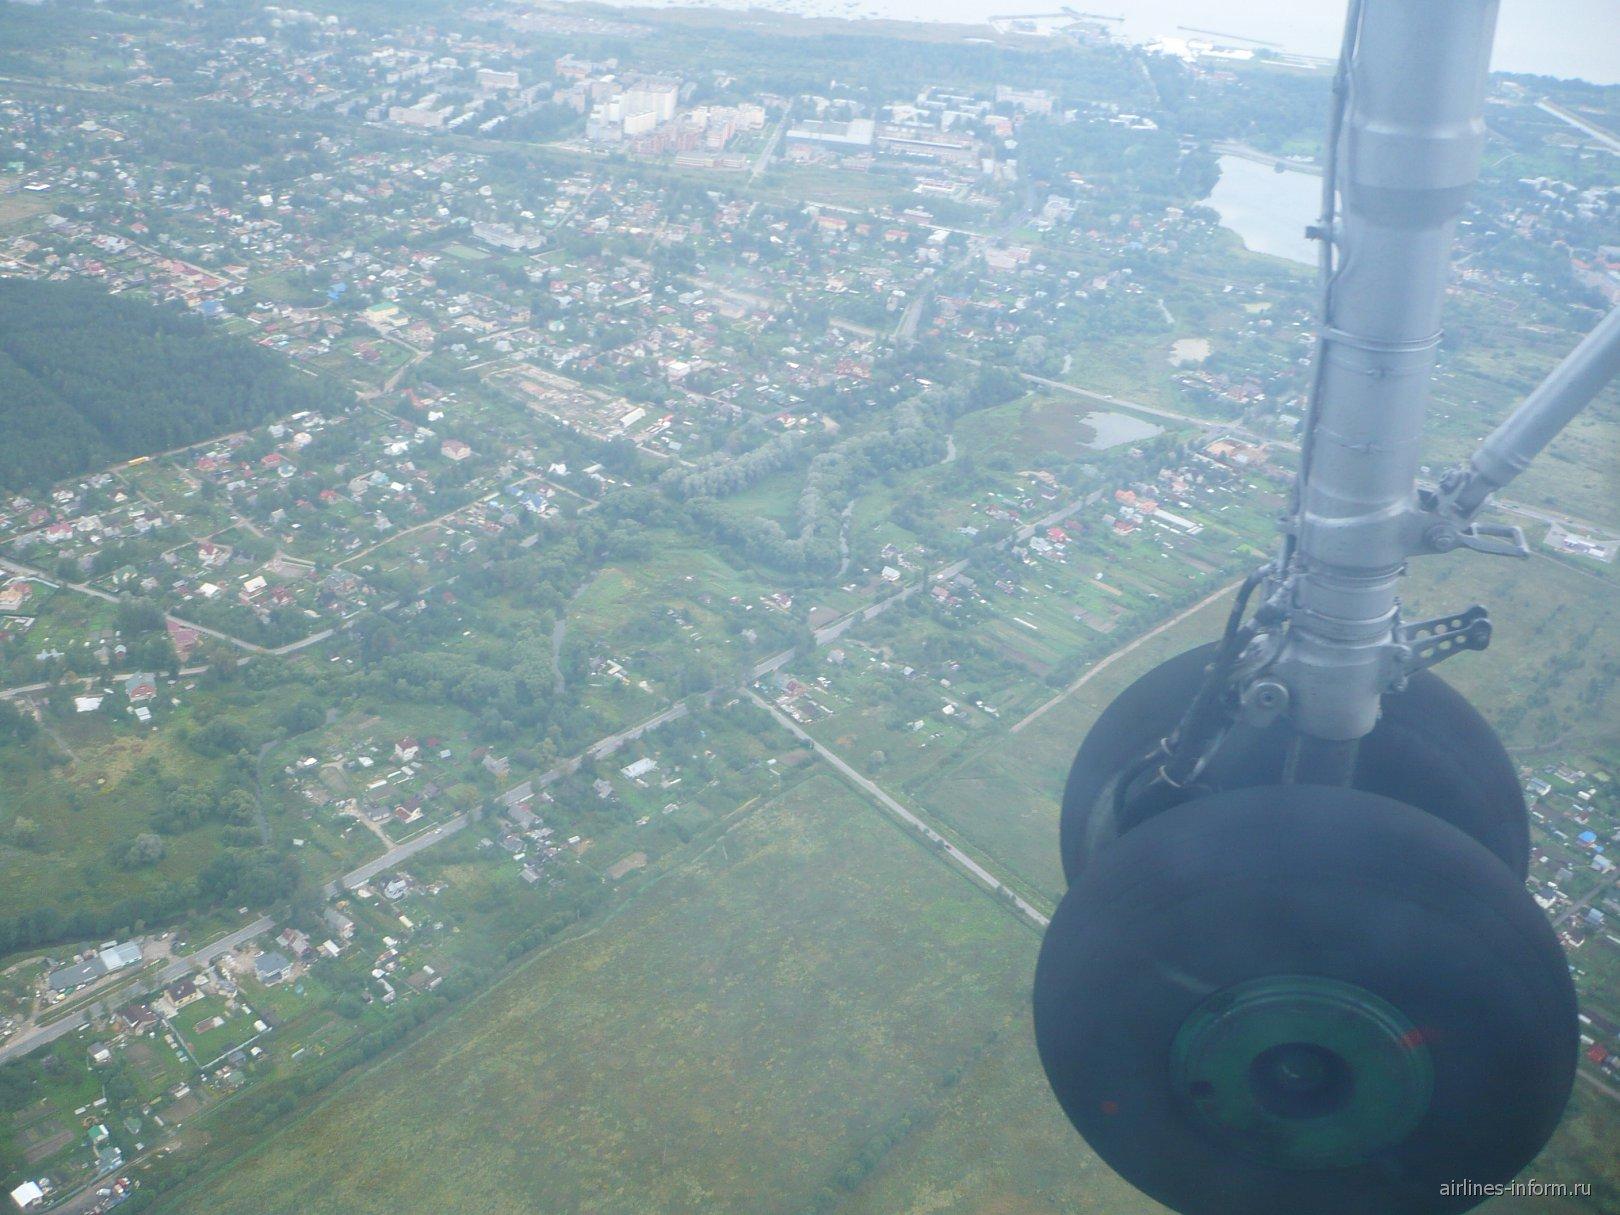 Рейс Псков-Санкт-Петербург авиакомпании Псковавиа